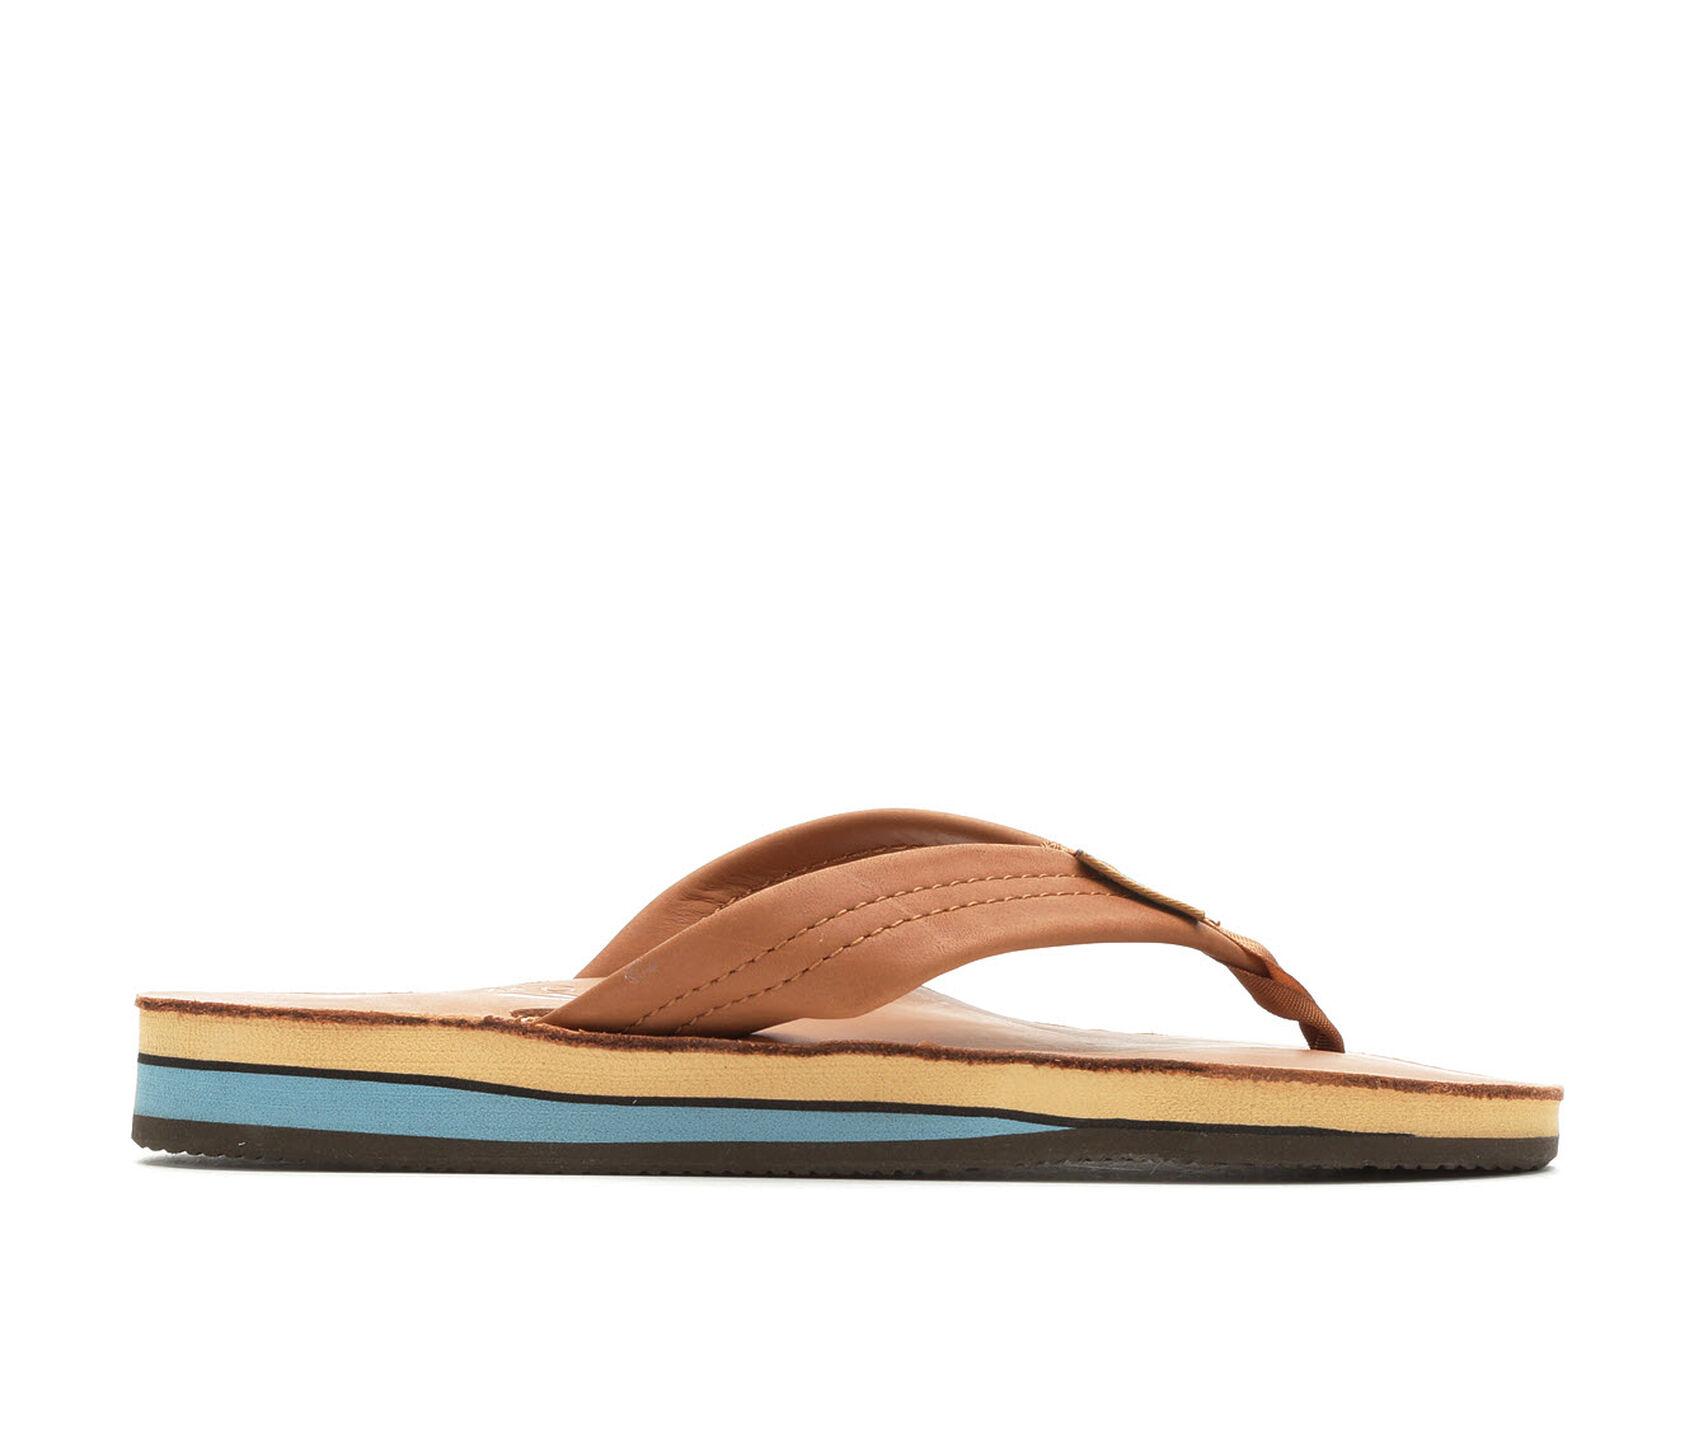 07c4d3b9e Women s Rainbow Sandals Premier Leather Double Layer -302ALTS Flip ...